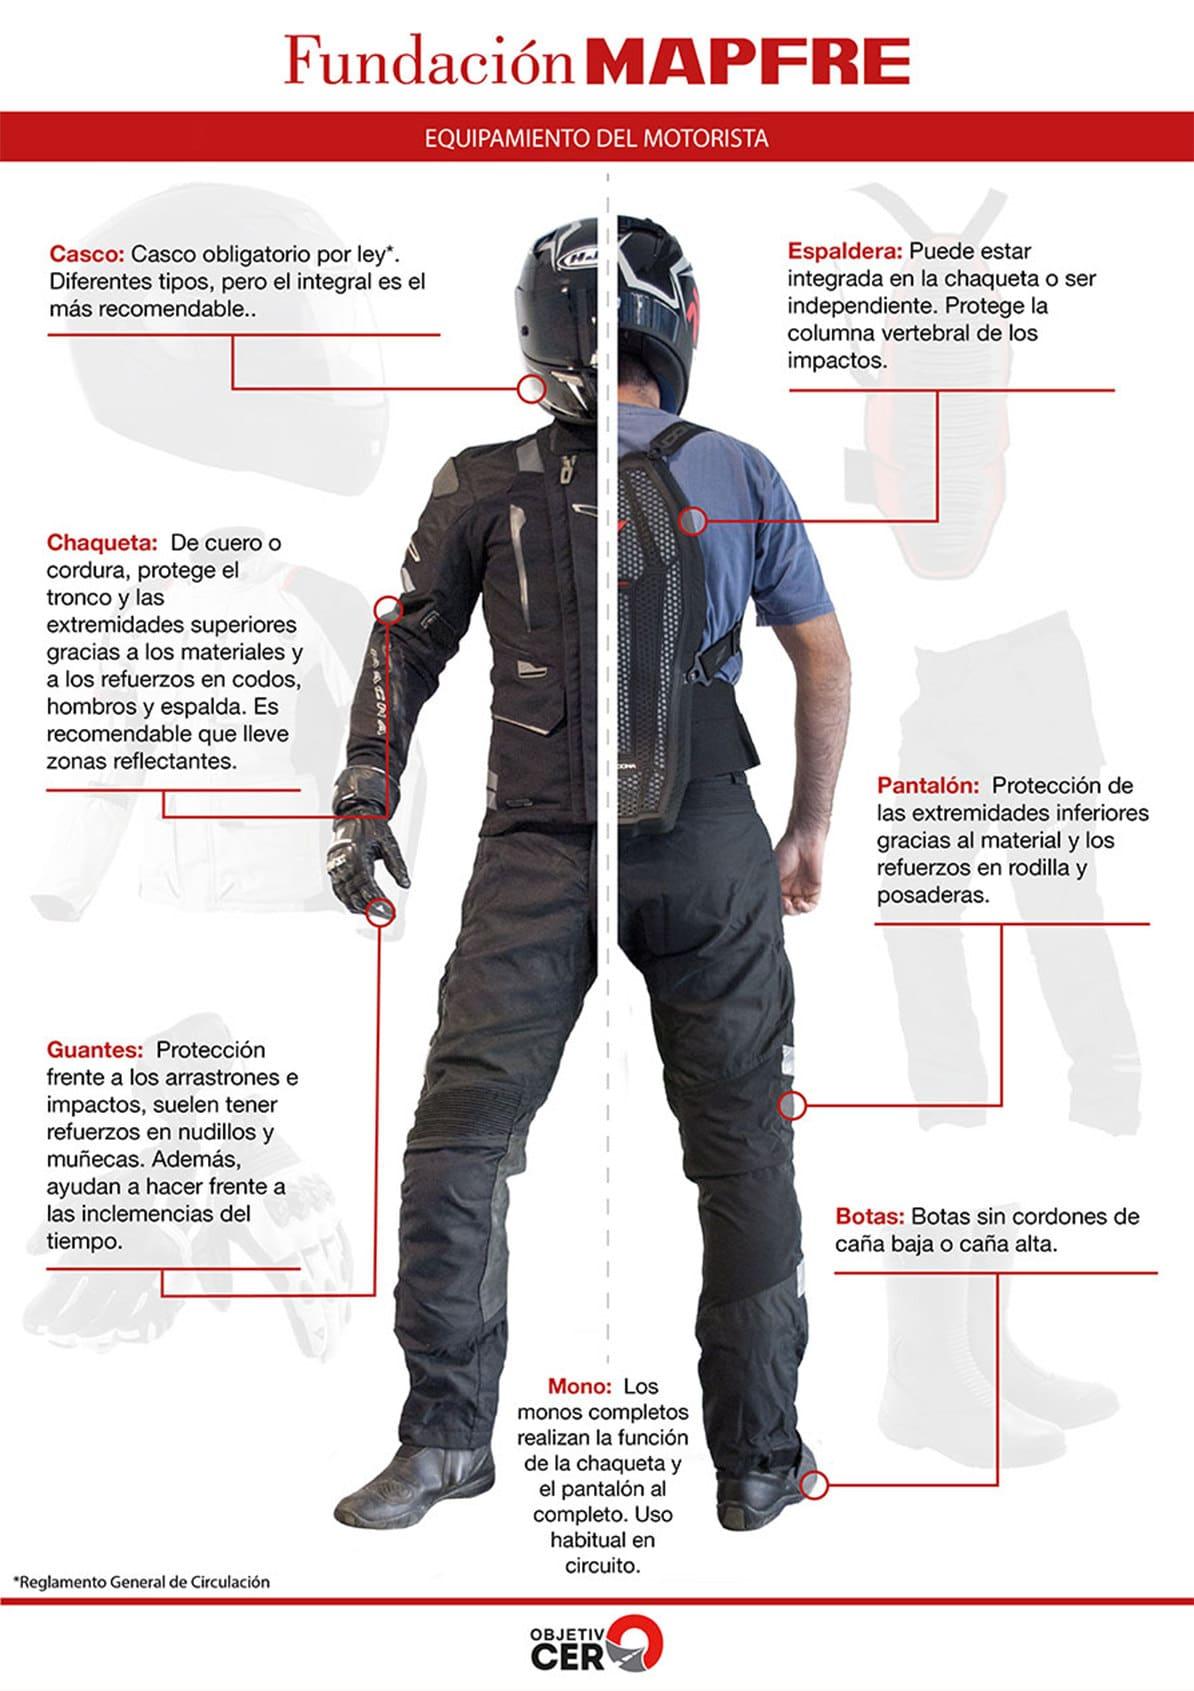 Infografía donde podrás encontrar el equipamiento necesario para estar protegido en moto